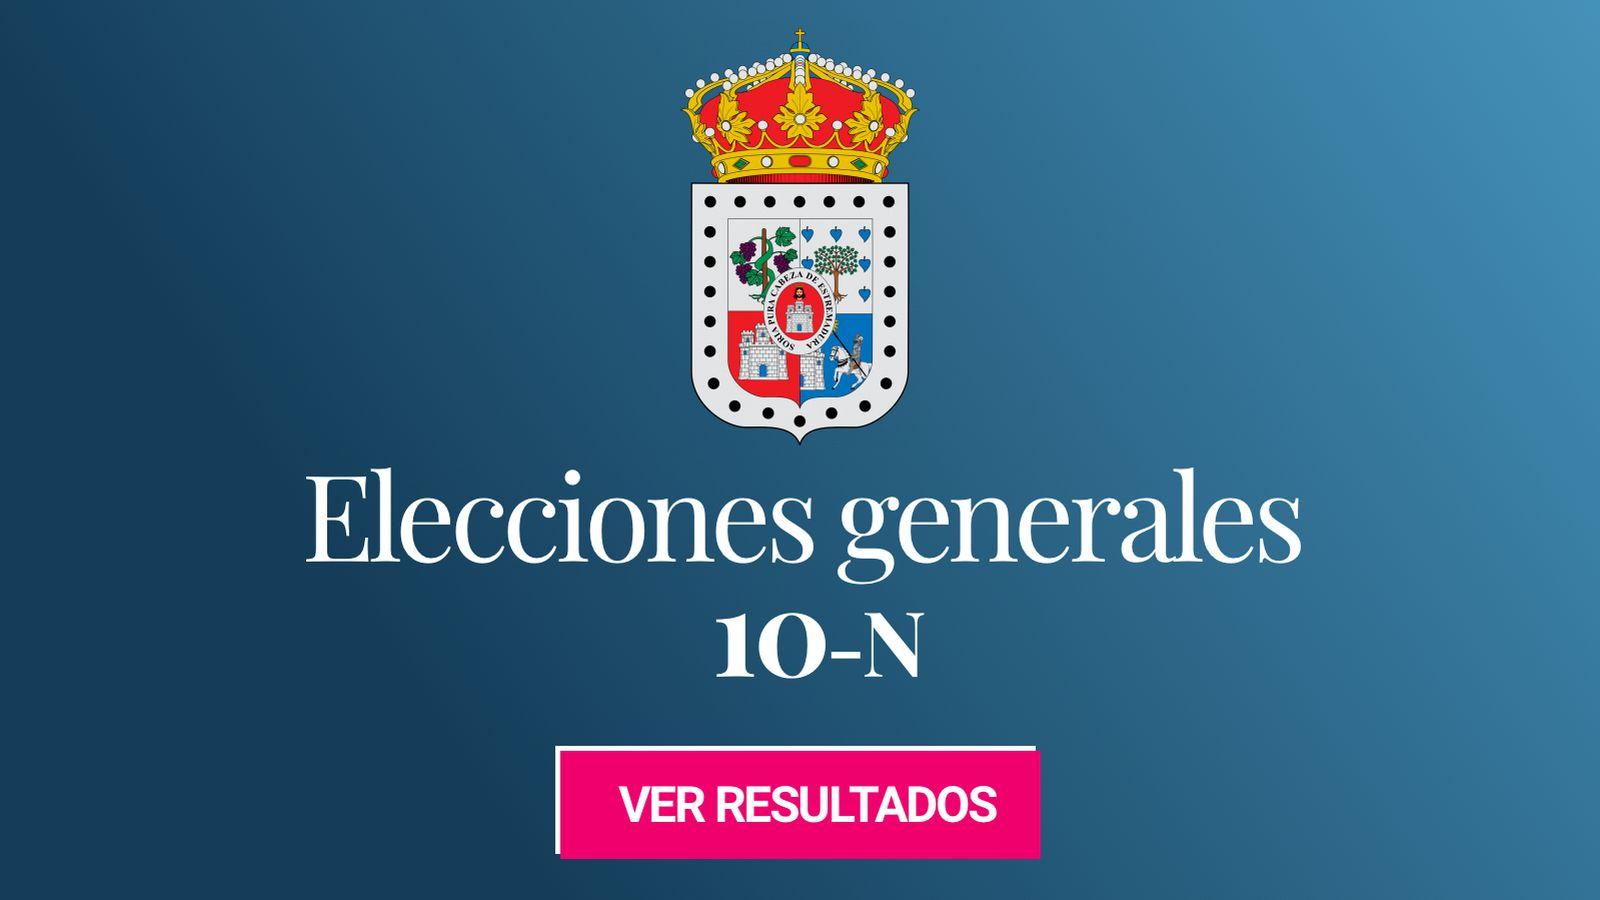 Foto: Elecciones generales 2019 en la provincia de Soria. (C.C./Dgarcia29)